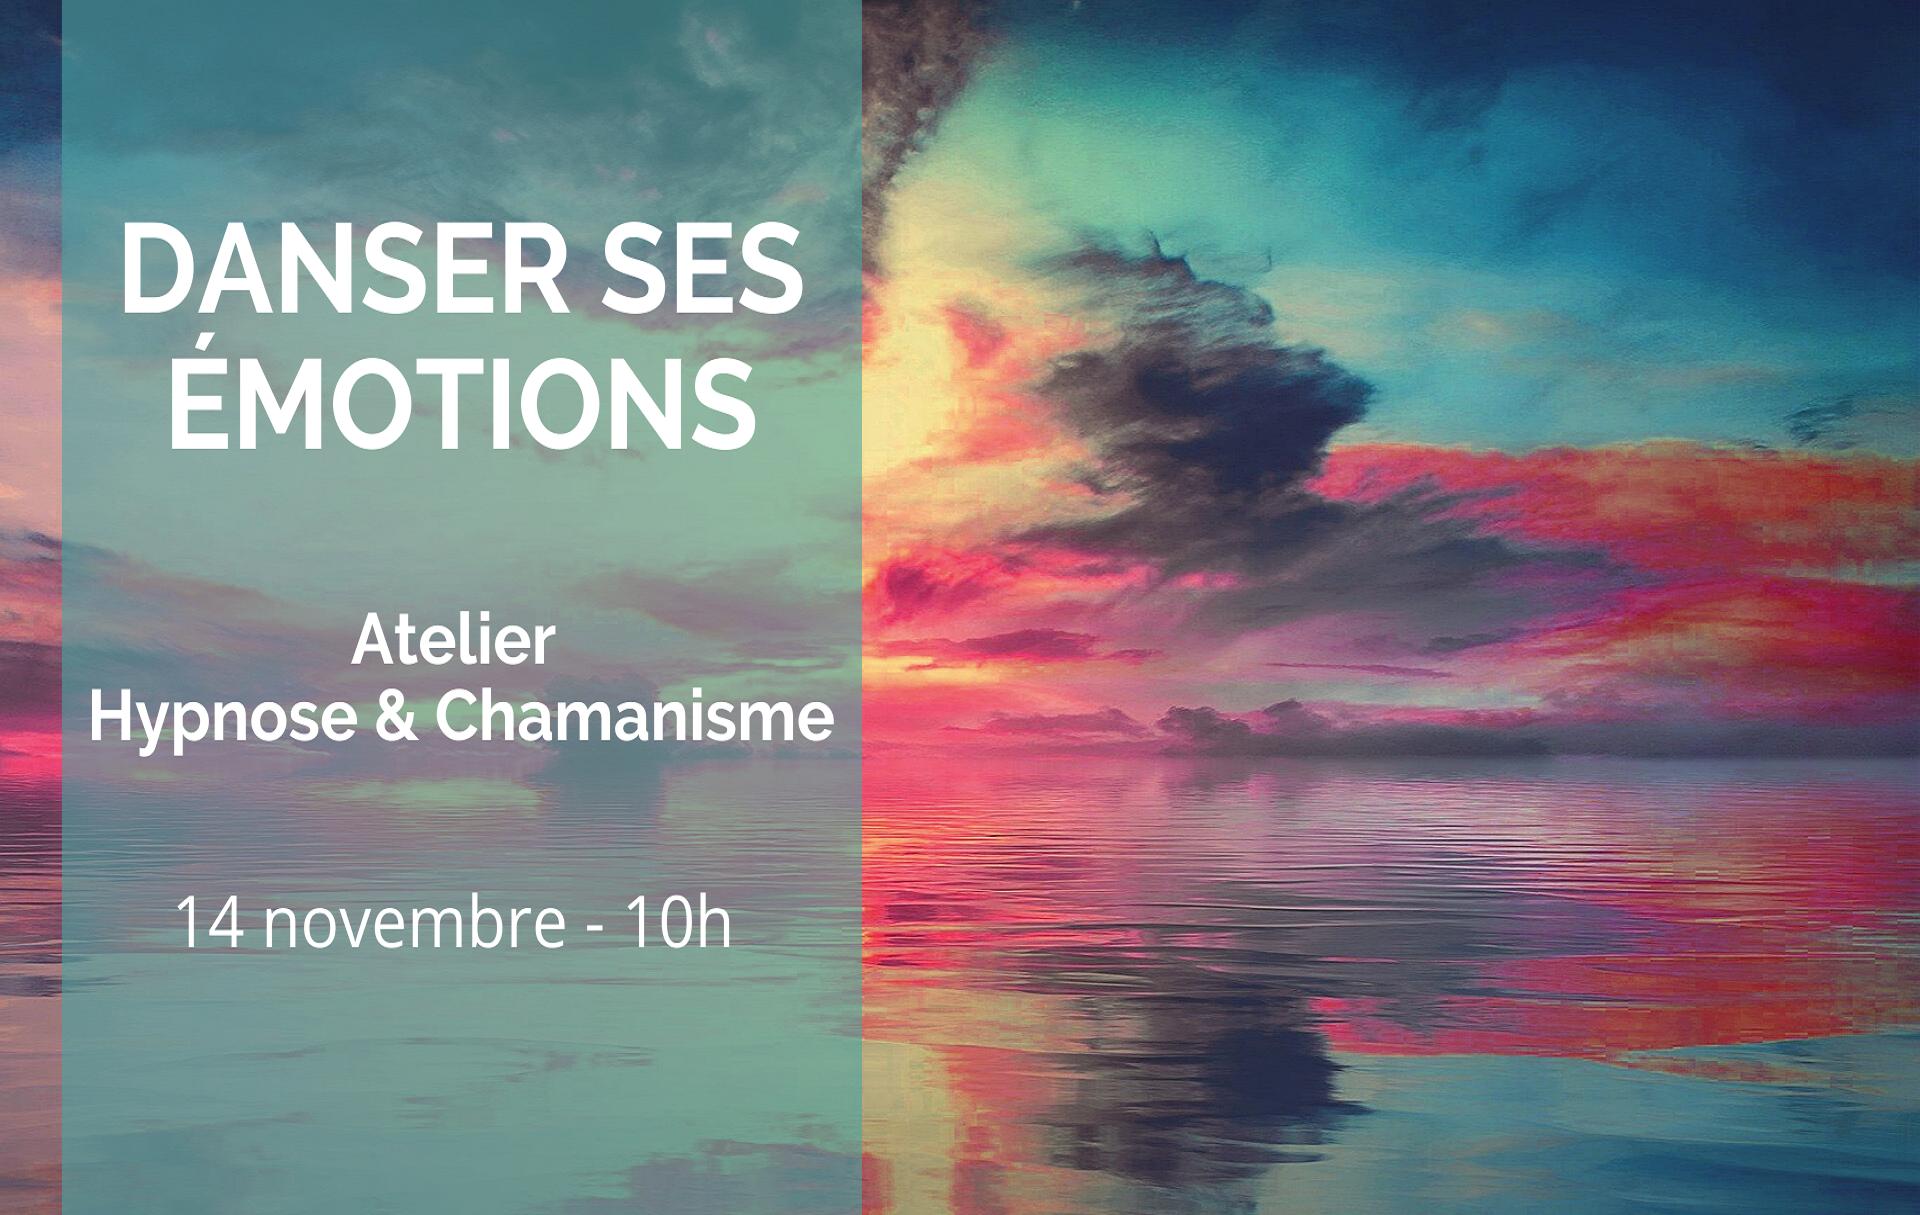 Evènement : Atelier Hypnose et Chamanisme le 14 novembre à Doréssens